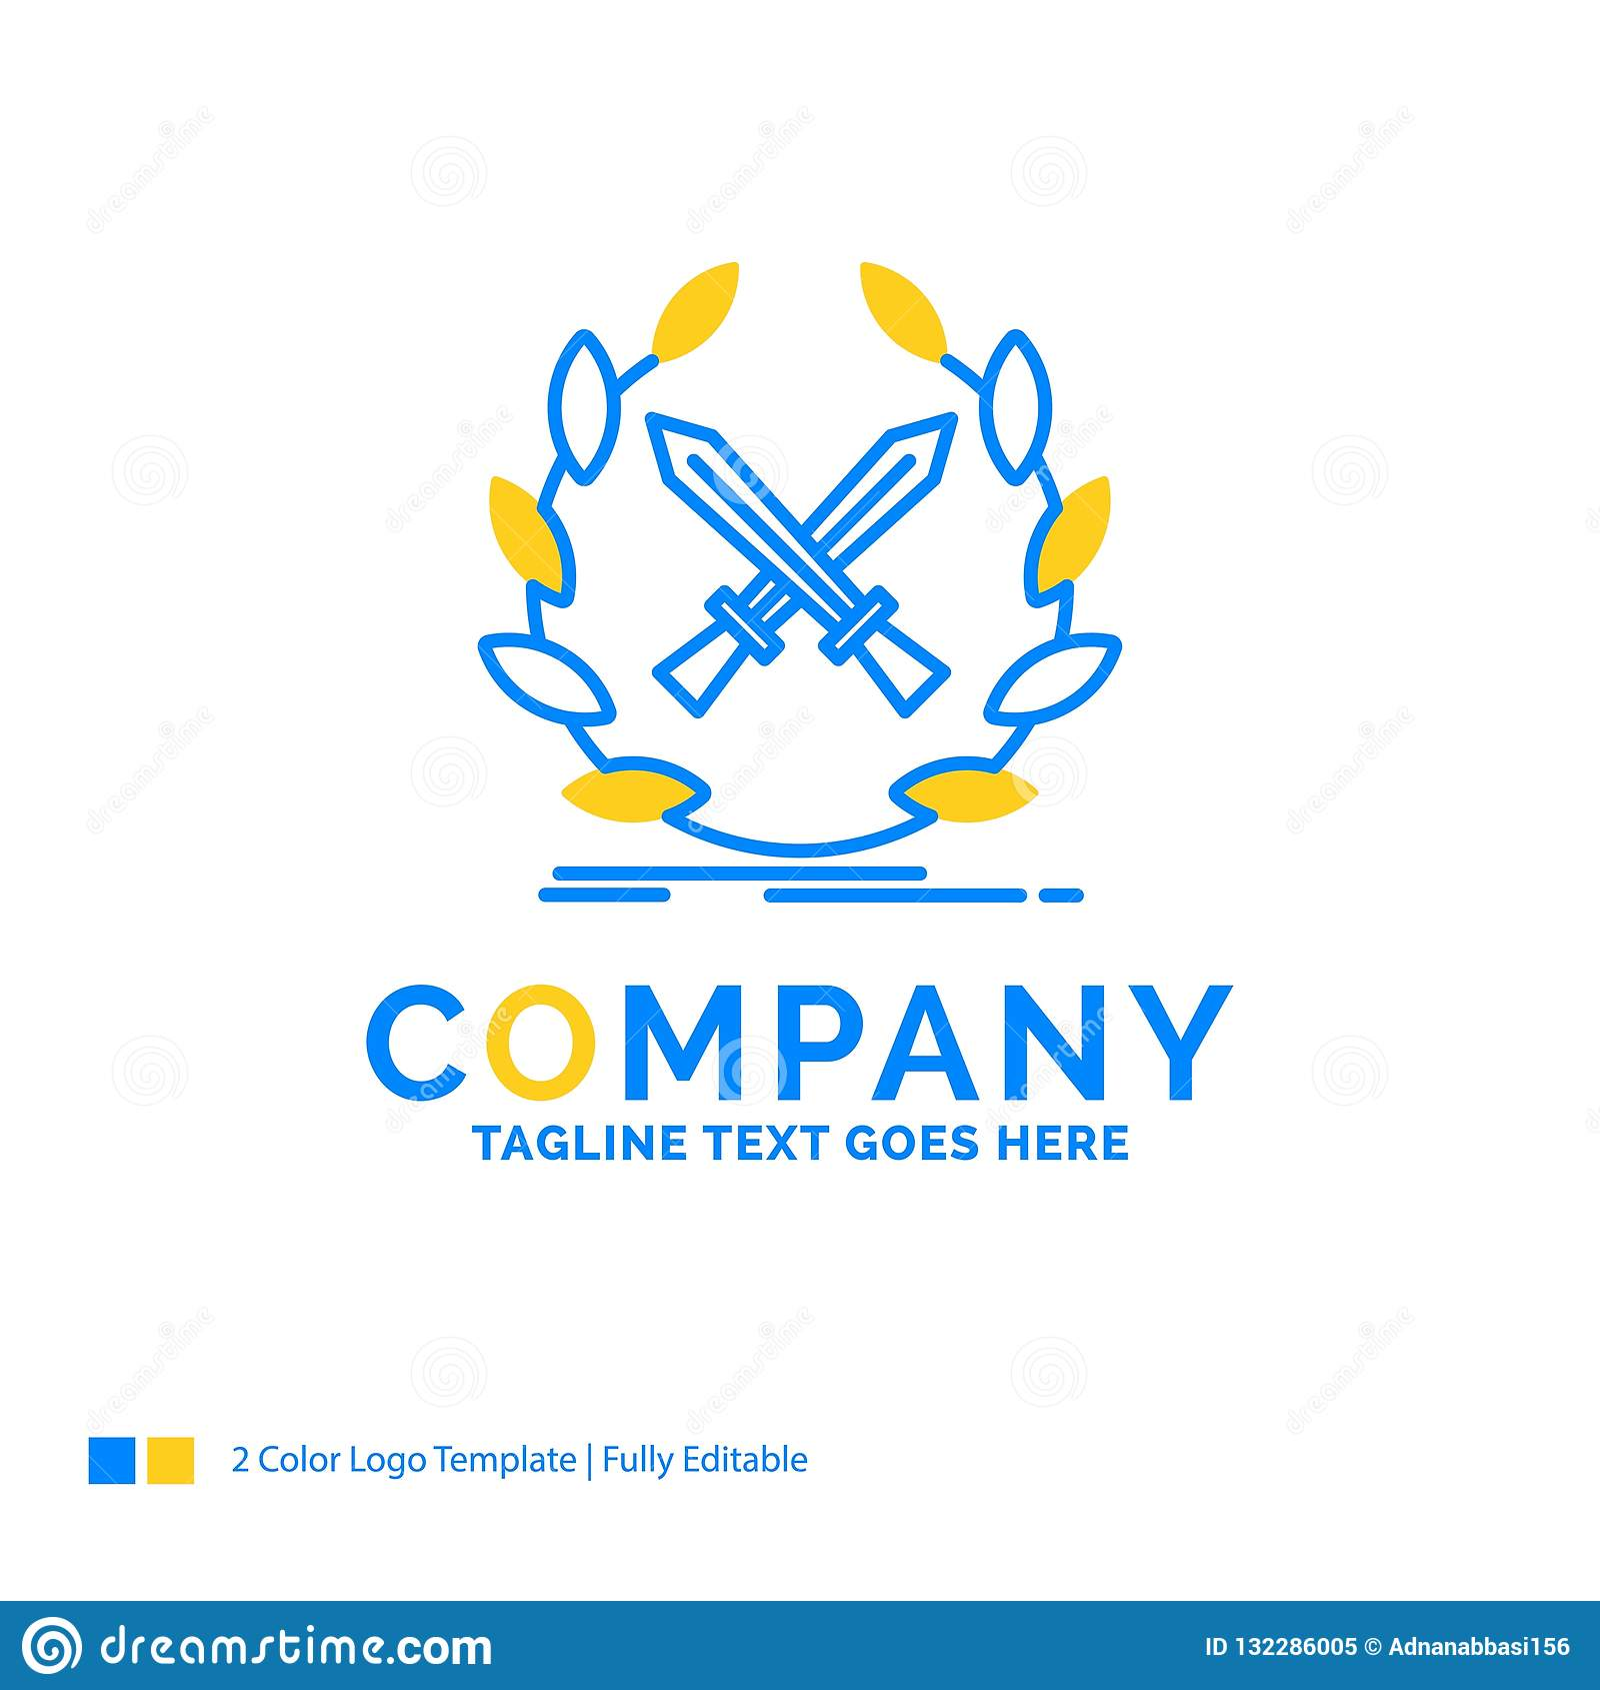 сражение, эмблема, игра, ярлык, te логотипа дела шпаг голубое желтое